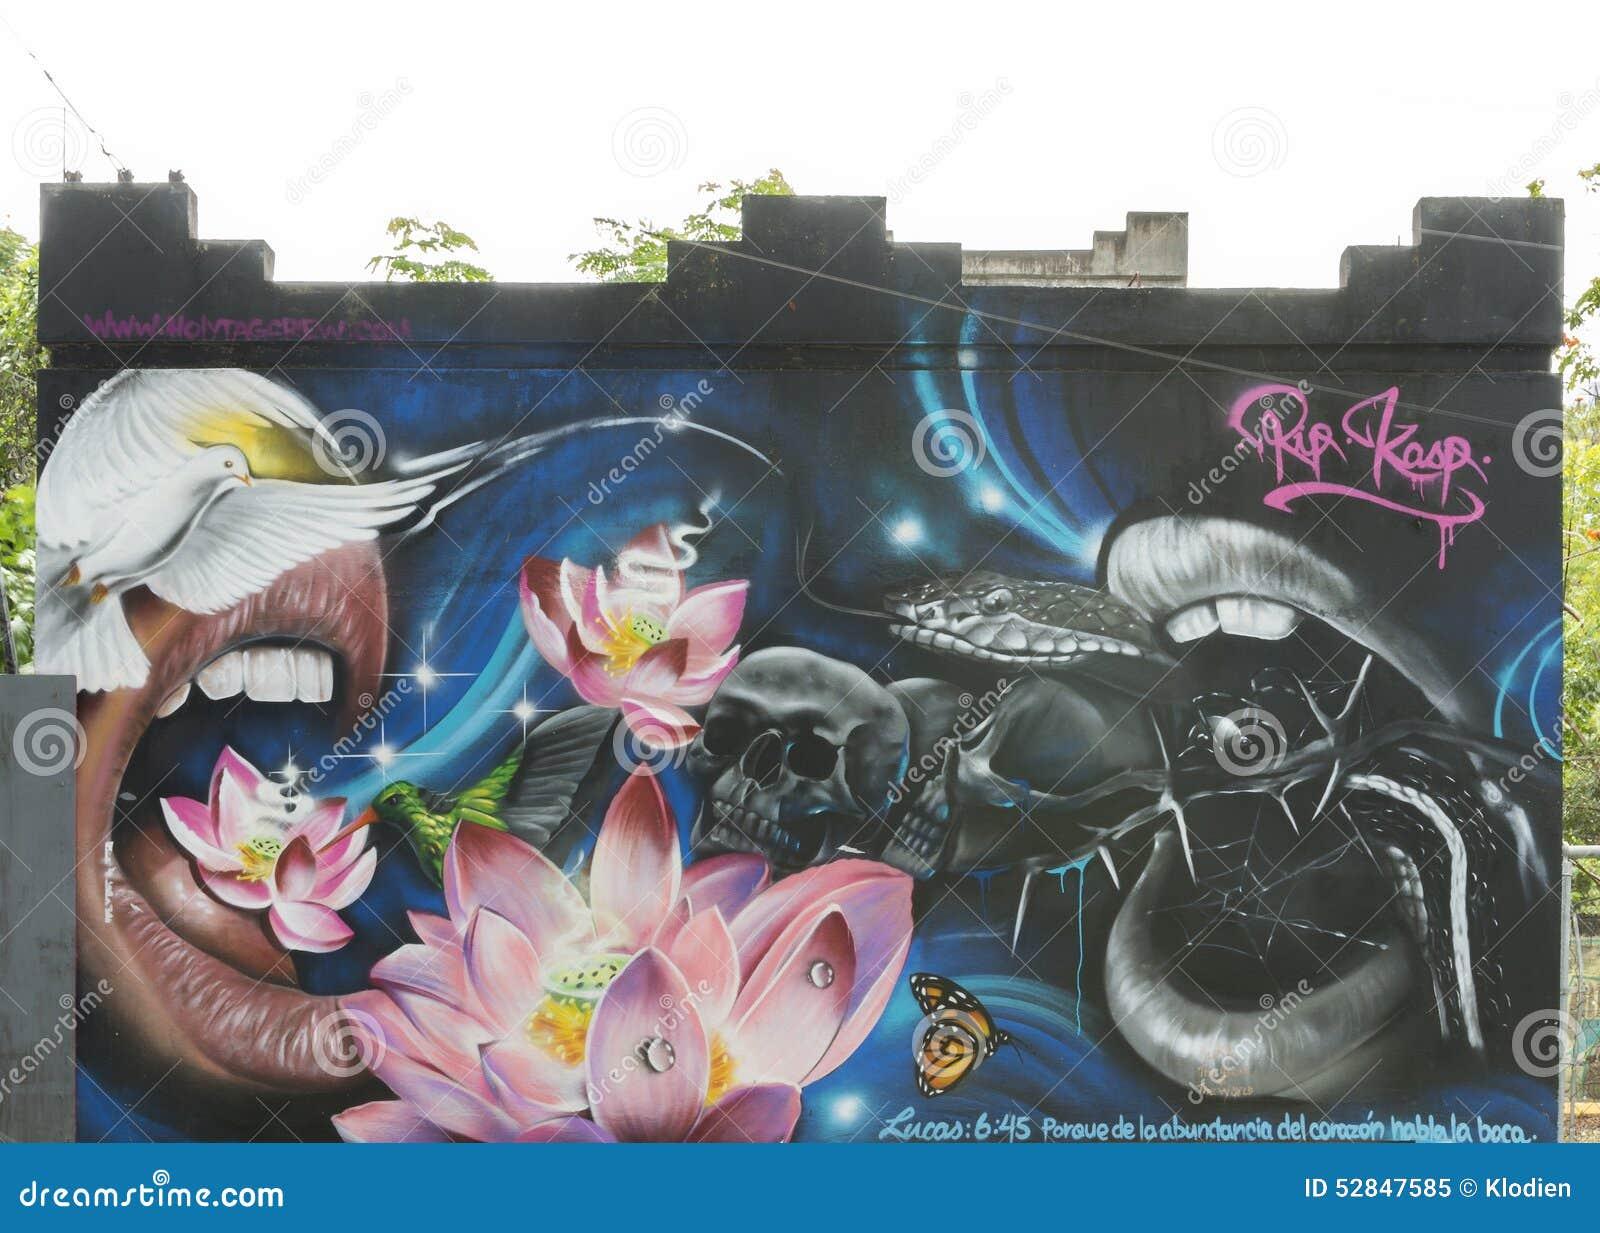 Graffiti Of Snake, Birds, Skulls, Mouth, Lotus, Butterfly ...